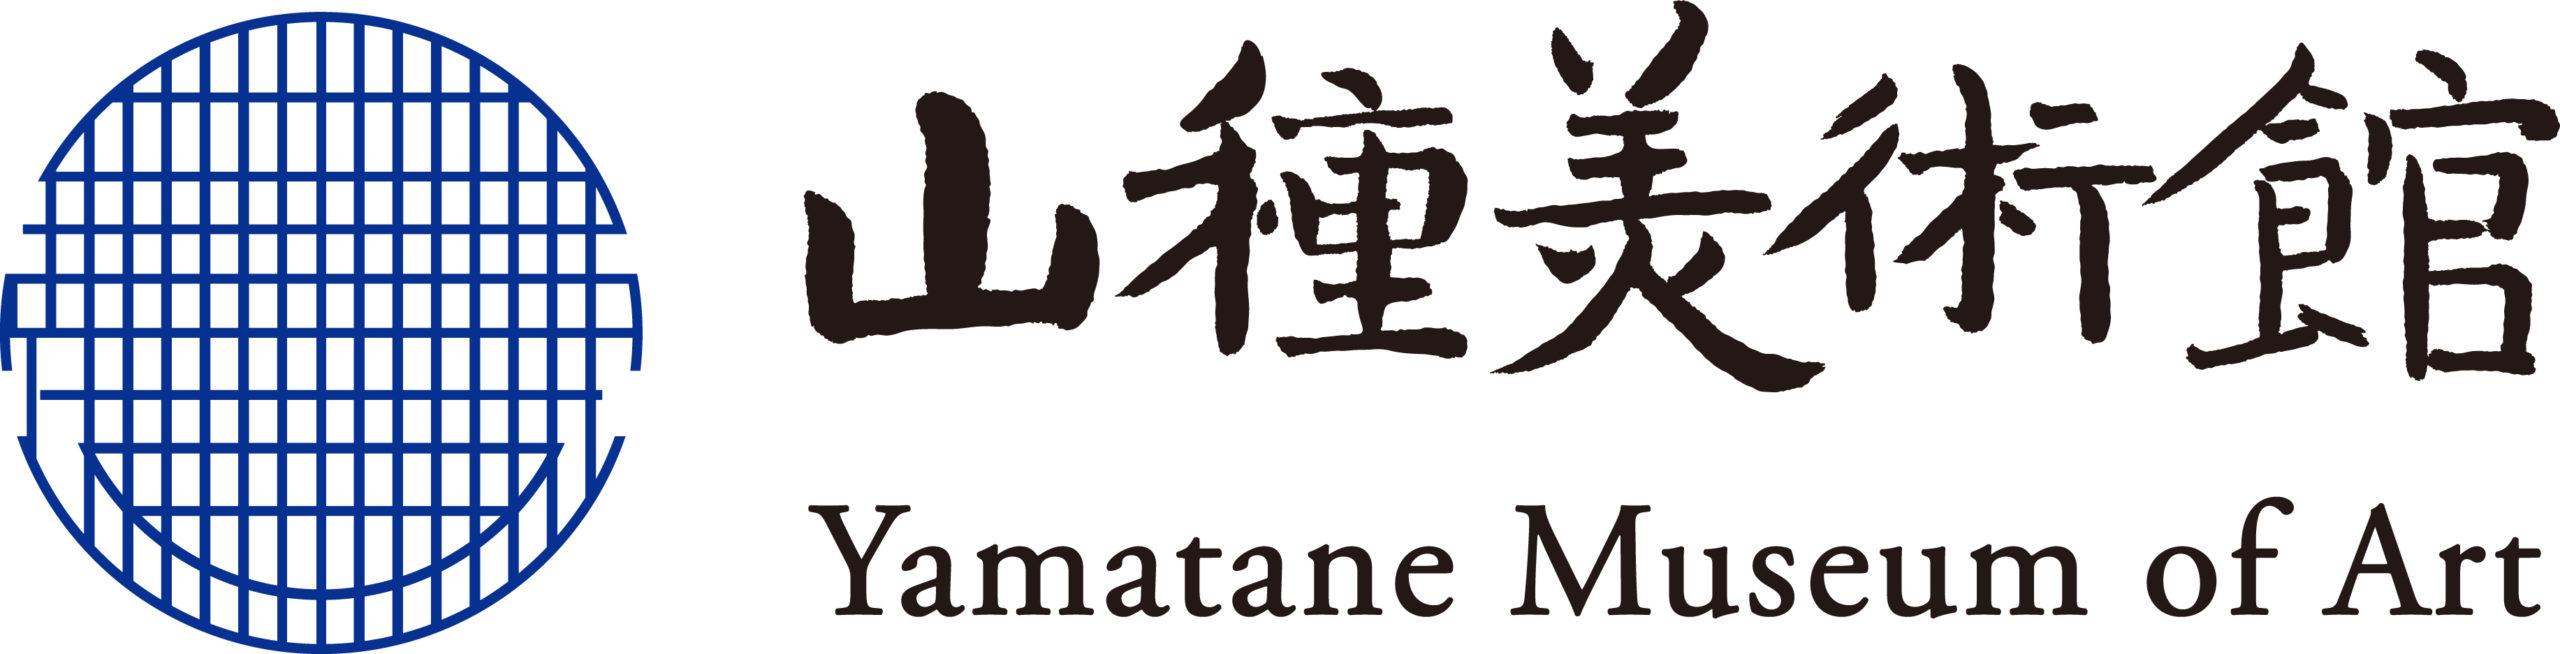 7月18日(土)~ 山種美術館再開!